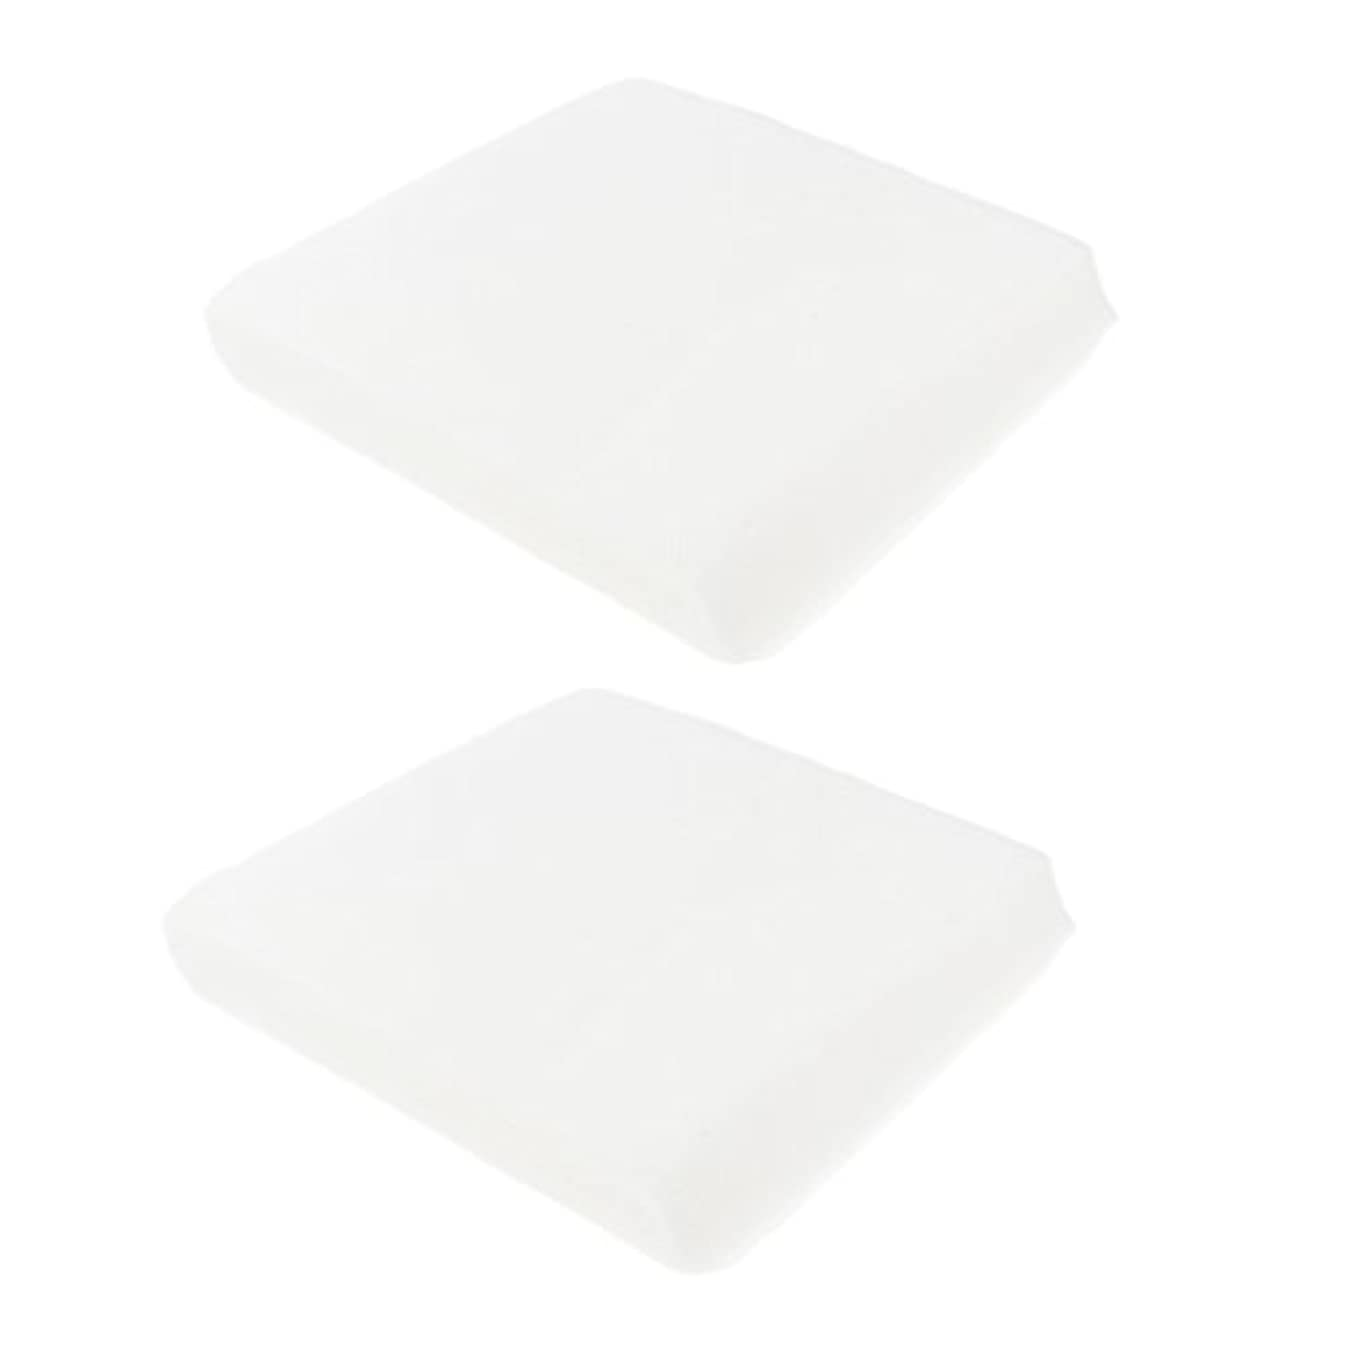 ポスター社会主義必要とする2パック 使い捨て ナプキン タオル ハンドタオル ローズ ゲストタオル ペーパー 2サイズ - 1#